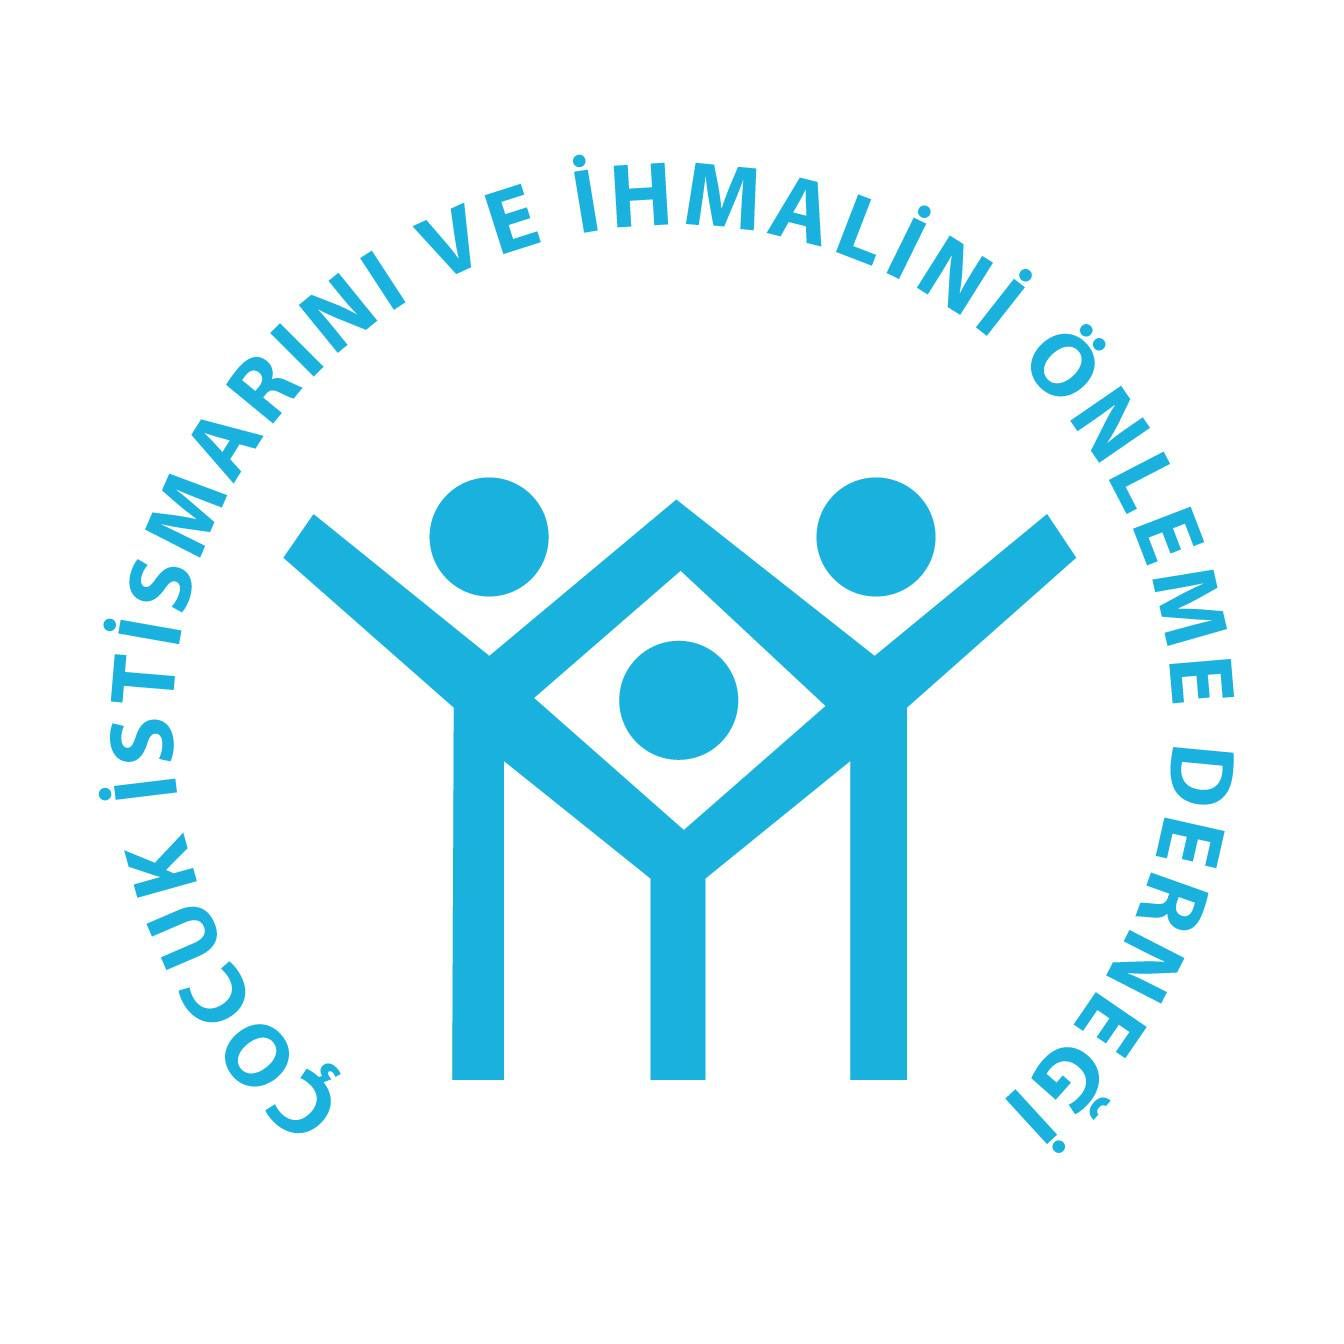 Çocuk İstismarını ve İhmalini Önleme Derneği – Child Abuse and Neglect Prevention Association